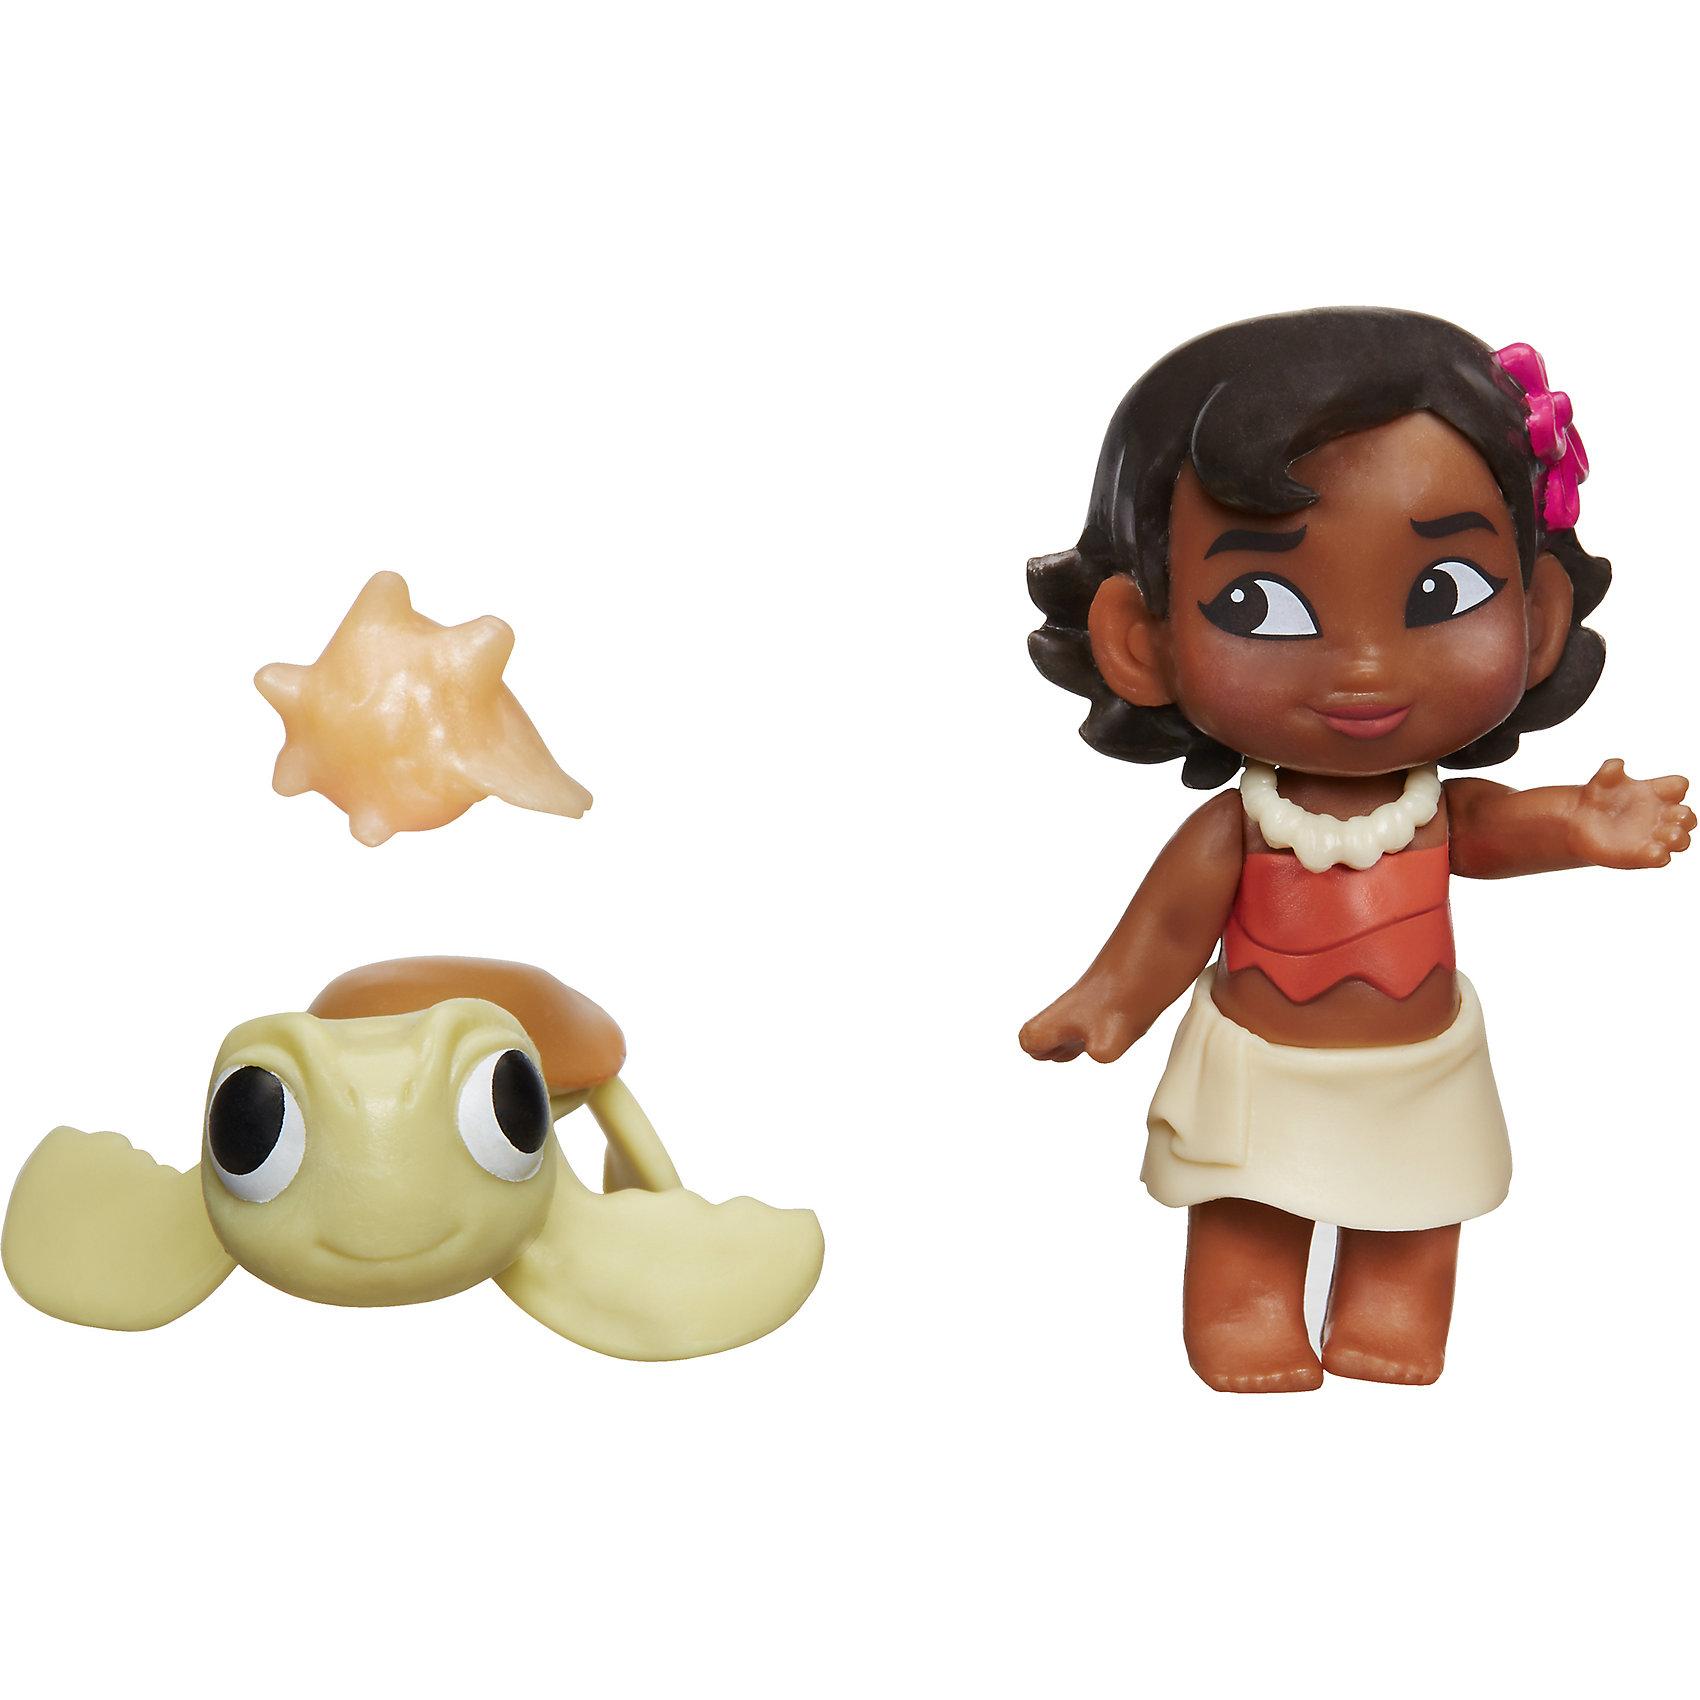 Маленькая кукла Моана, B8298/C1053Любимые герои<br>Характеристики:<br><br>• возраст: от 3 лет;<br>• материал: пластик;<br>• в комплекте: кукла, черепашка, раковина;<br>• высота фигурки: 5,5 см;<br>• размер упаковки: 15,2х12,7х5,7 см;<br>• вес упаковки: 62 гр.;<br>• страна производитель: Китай.<br><br>Маленькая кукла Моана Hasbro создана по мотивам известного мультфильма Дисней про очаровательную очку вождя Моану, которая отправилась в захватывающее путешествие. В наборе представлена маленькая Моана, у которой подвижные ручки, а также черепашка и раковина.<br><br>Маленькую куклу Моану Hasbro можно приобрести в нашем интернет-магазине.<br><br>Ширина мм: 57<br>Глубина мм: 127<br>Высота мм: 152<br>Вес г: 62<br>Возраст от месяцев: 36<br>Возраст до месяцев: 144<br>Пол: Женский<br>Возраст: Детский<br>SKU: 6979810